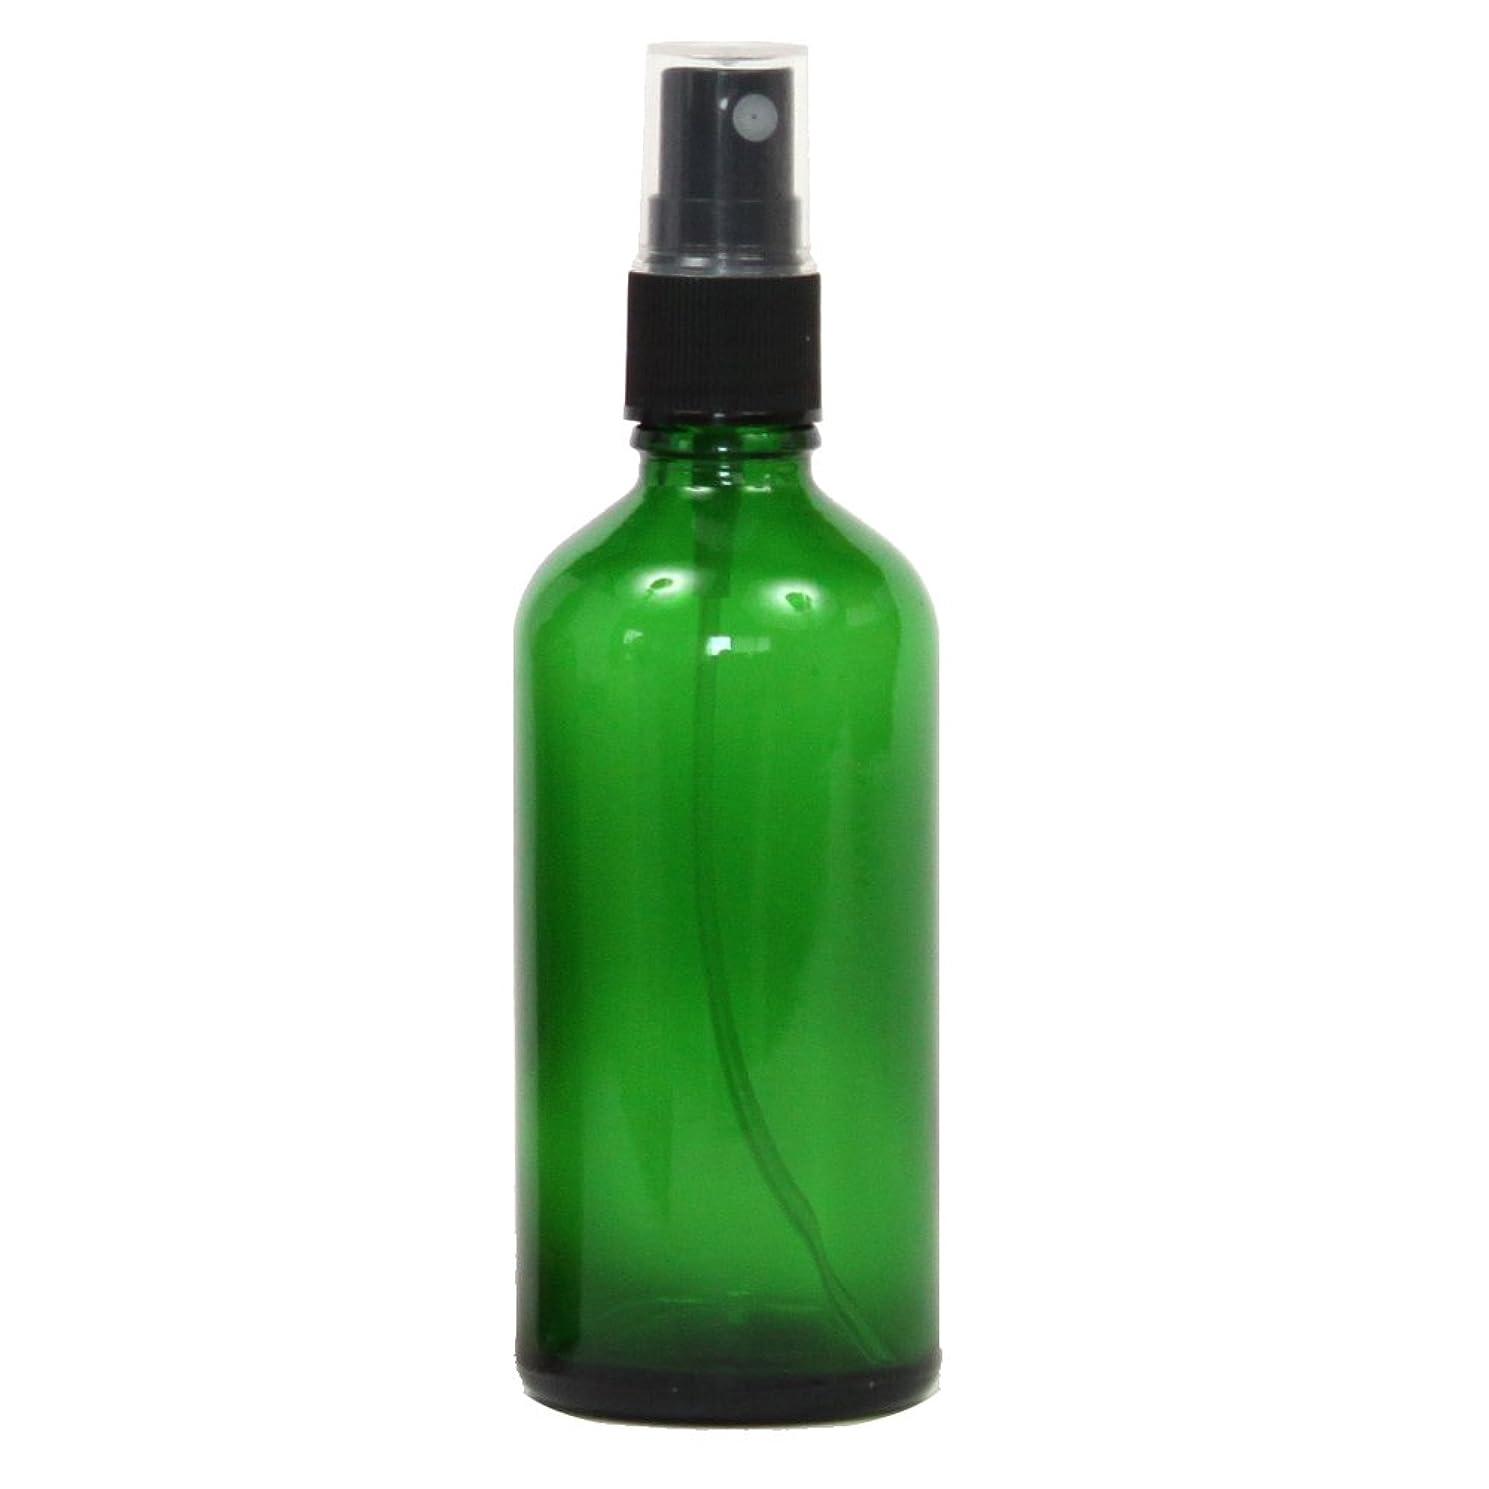 対処ロッジ納得させるスプレーボトル ガラス瓶 100mL 遮光性グリーン ガラスアトマイザー 空容器